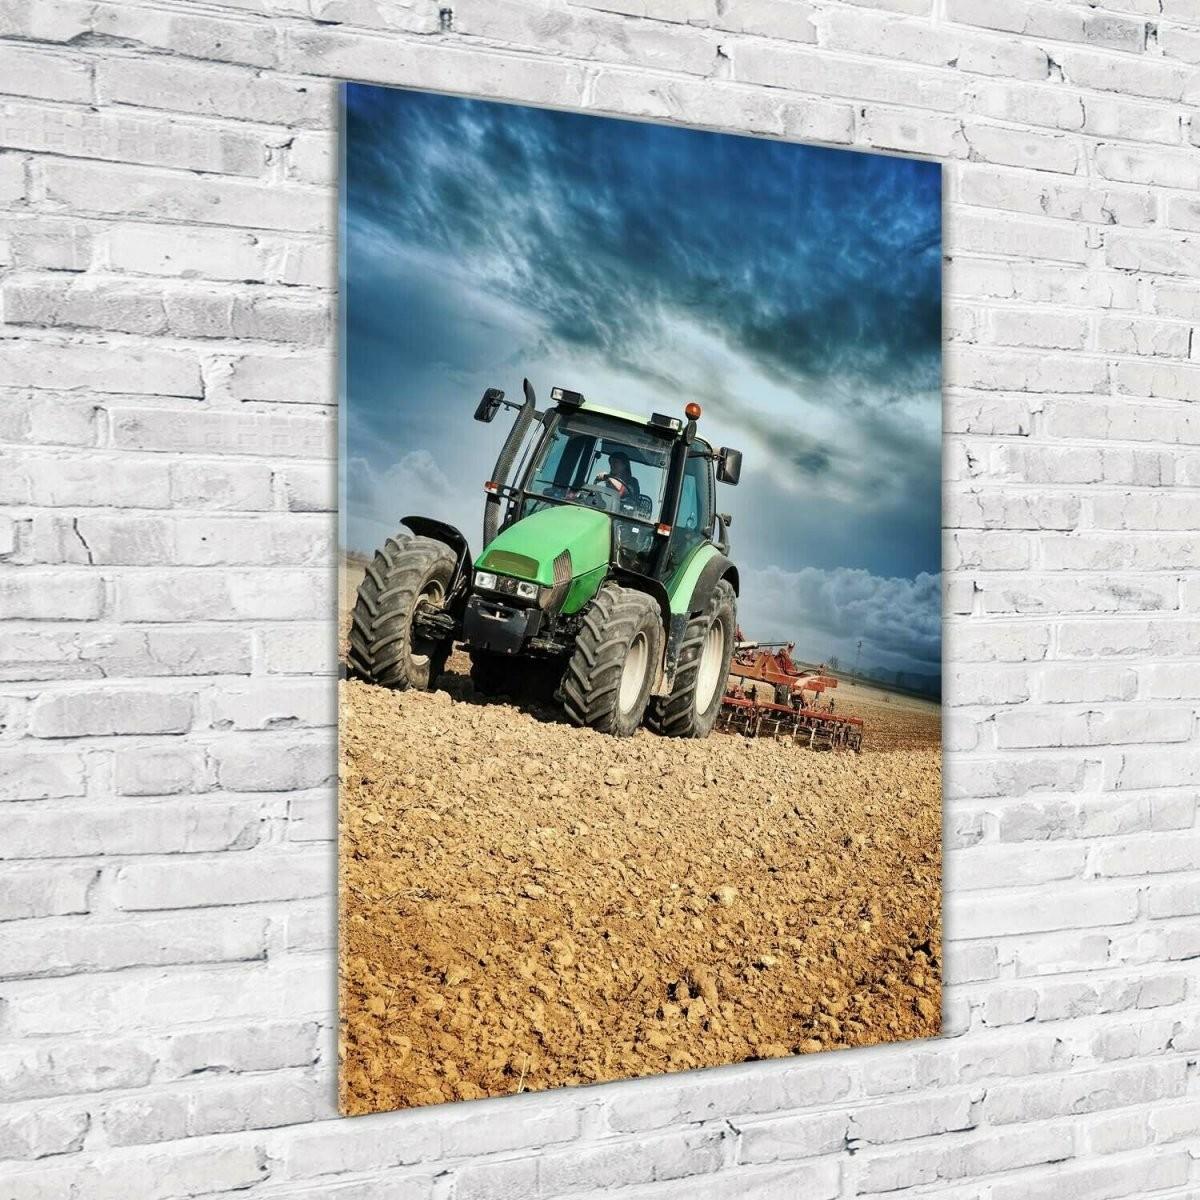 Traktoren Mehr Als 10000 Angebote Fotos Preise ✓  Seite 11 von Bettwäsche Kleiner Roter Traktor Bild